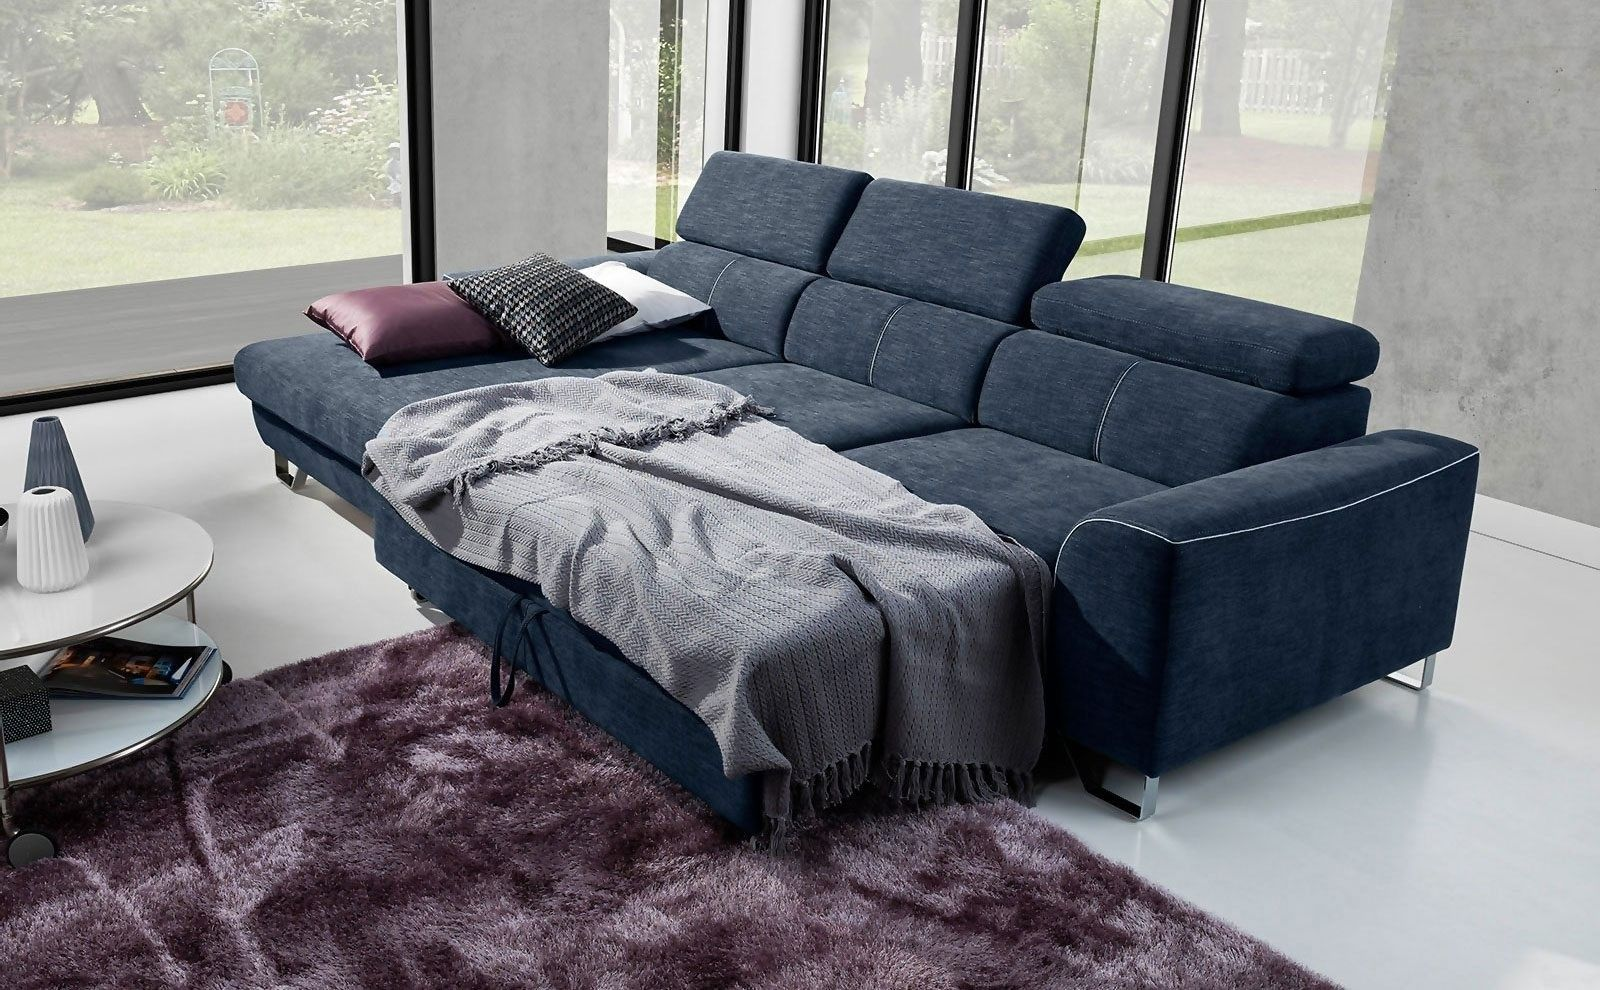 Coltar Extensibil Asti Cu Sezlong Pe Dreapta L280xa170xh77 Cm Somproduct Sofa Bed Bedroom Sofa Bed Sale Corner Sofa